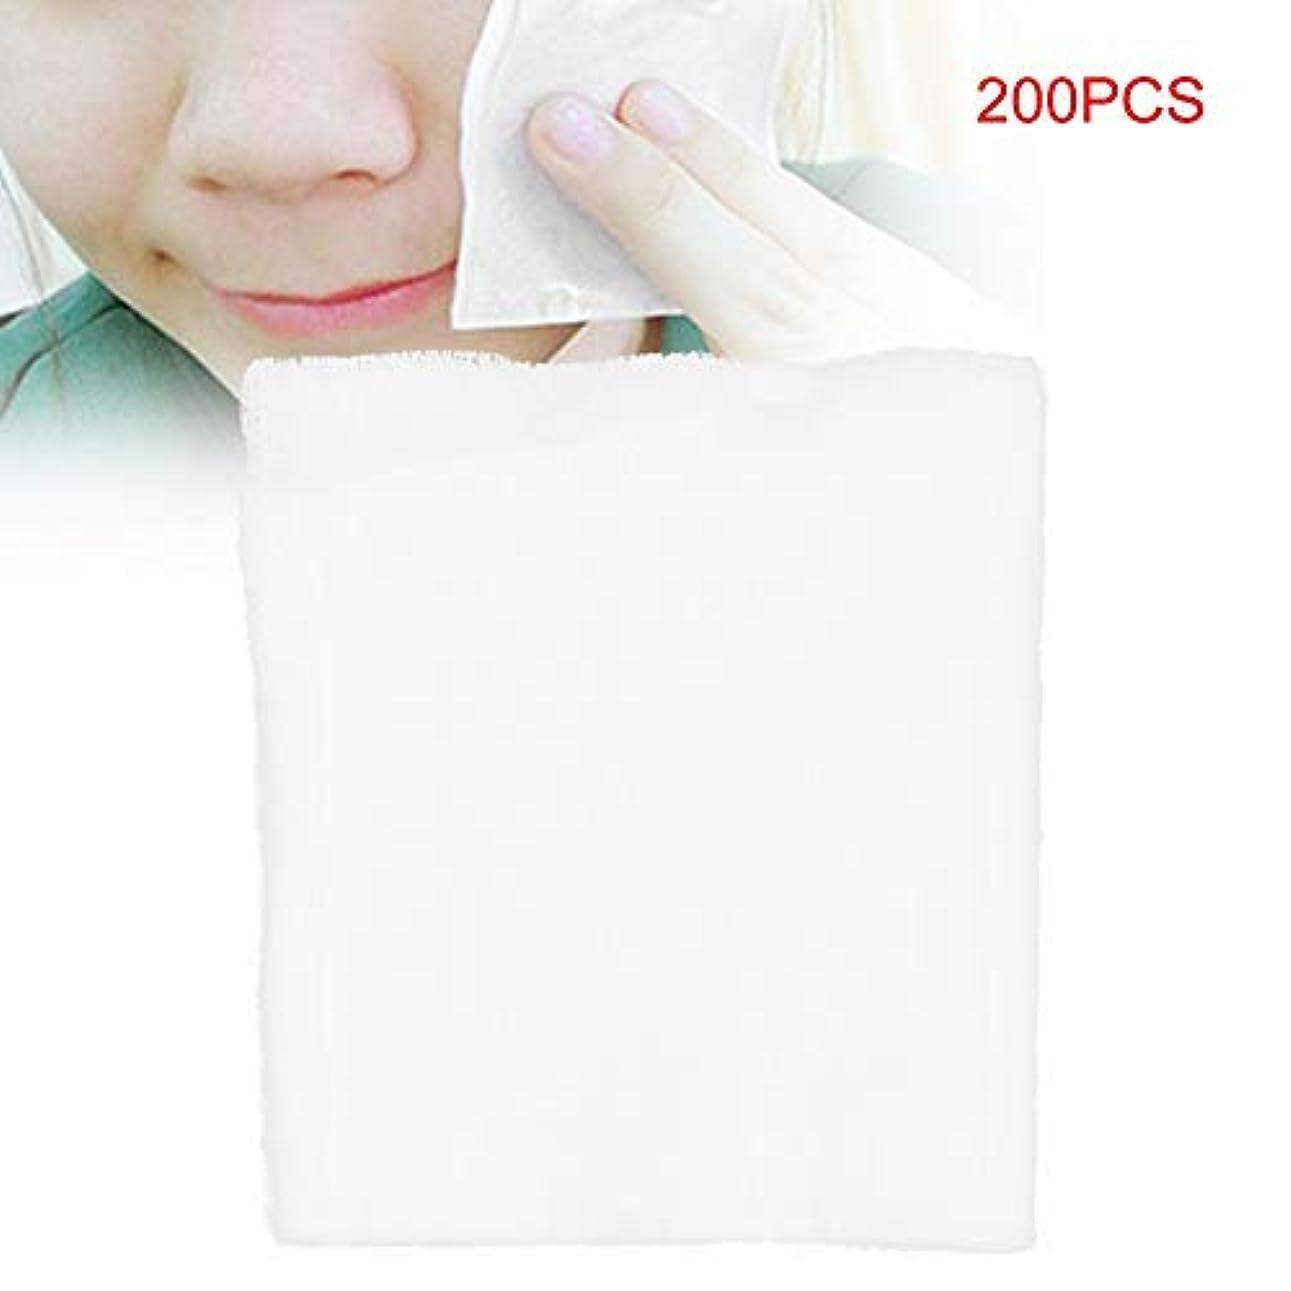 化粧 タオル フェイスクレンジングパッド 化粧品 除去ツール 200個